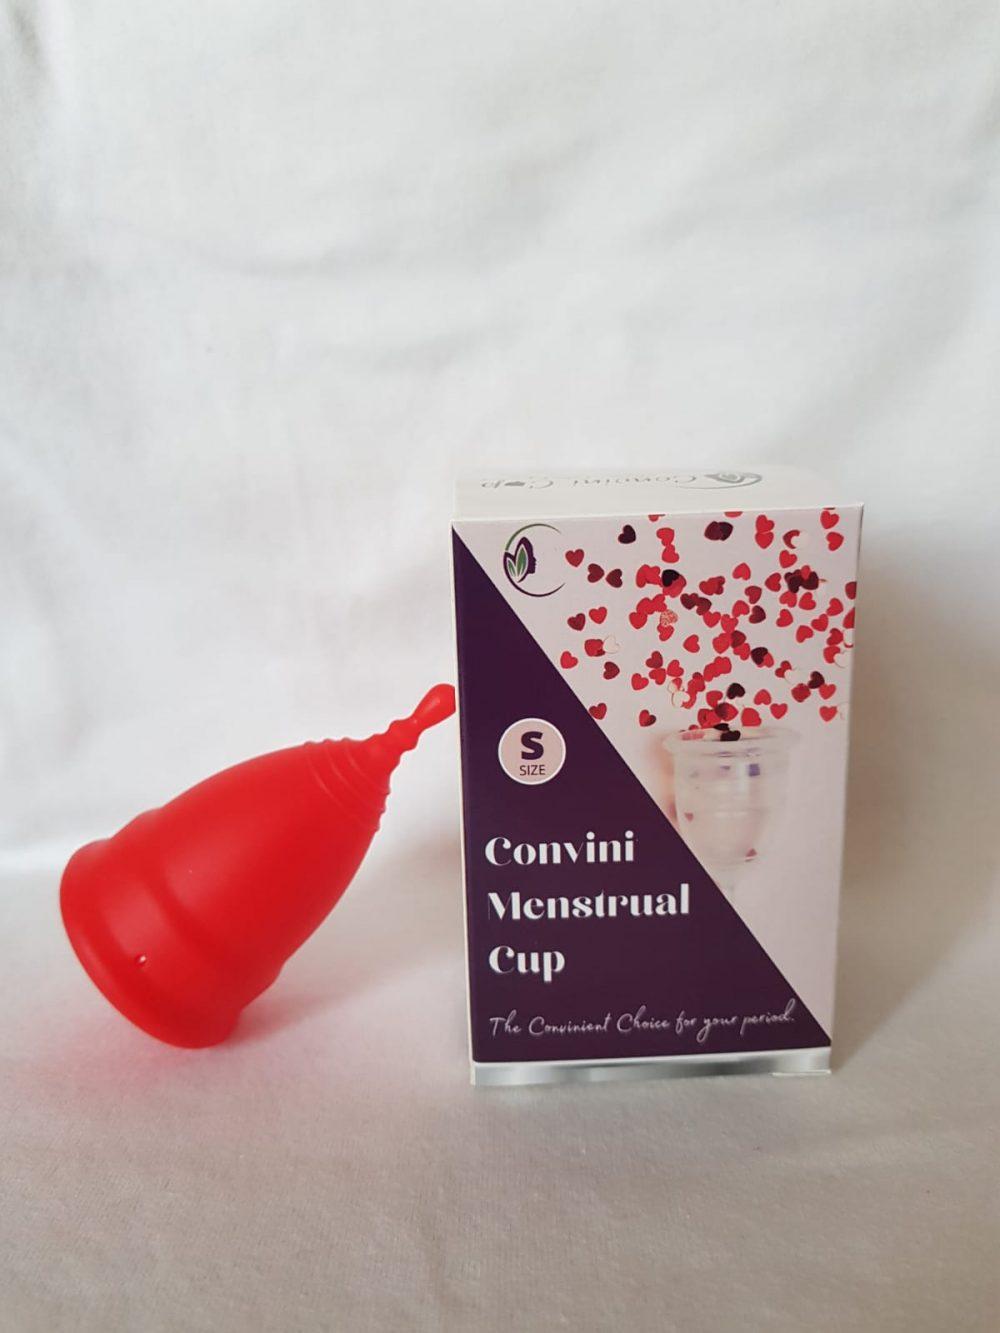 Convini menstrual Cup small